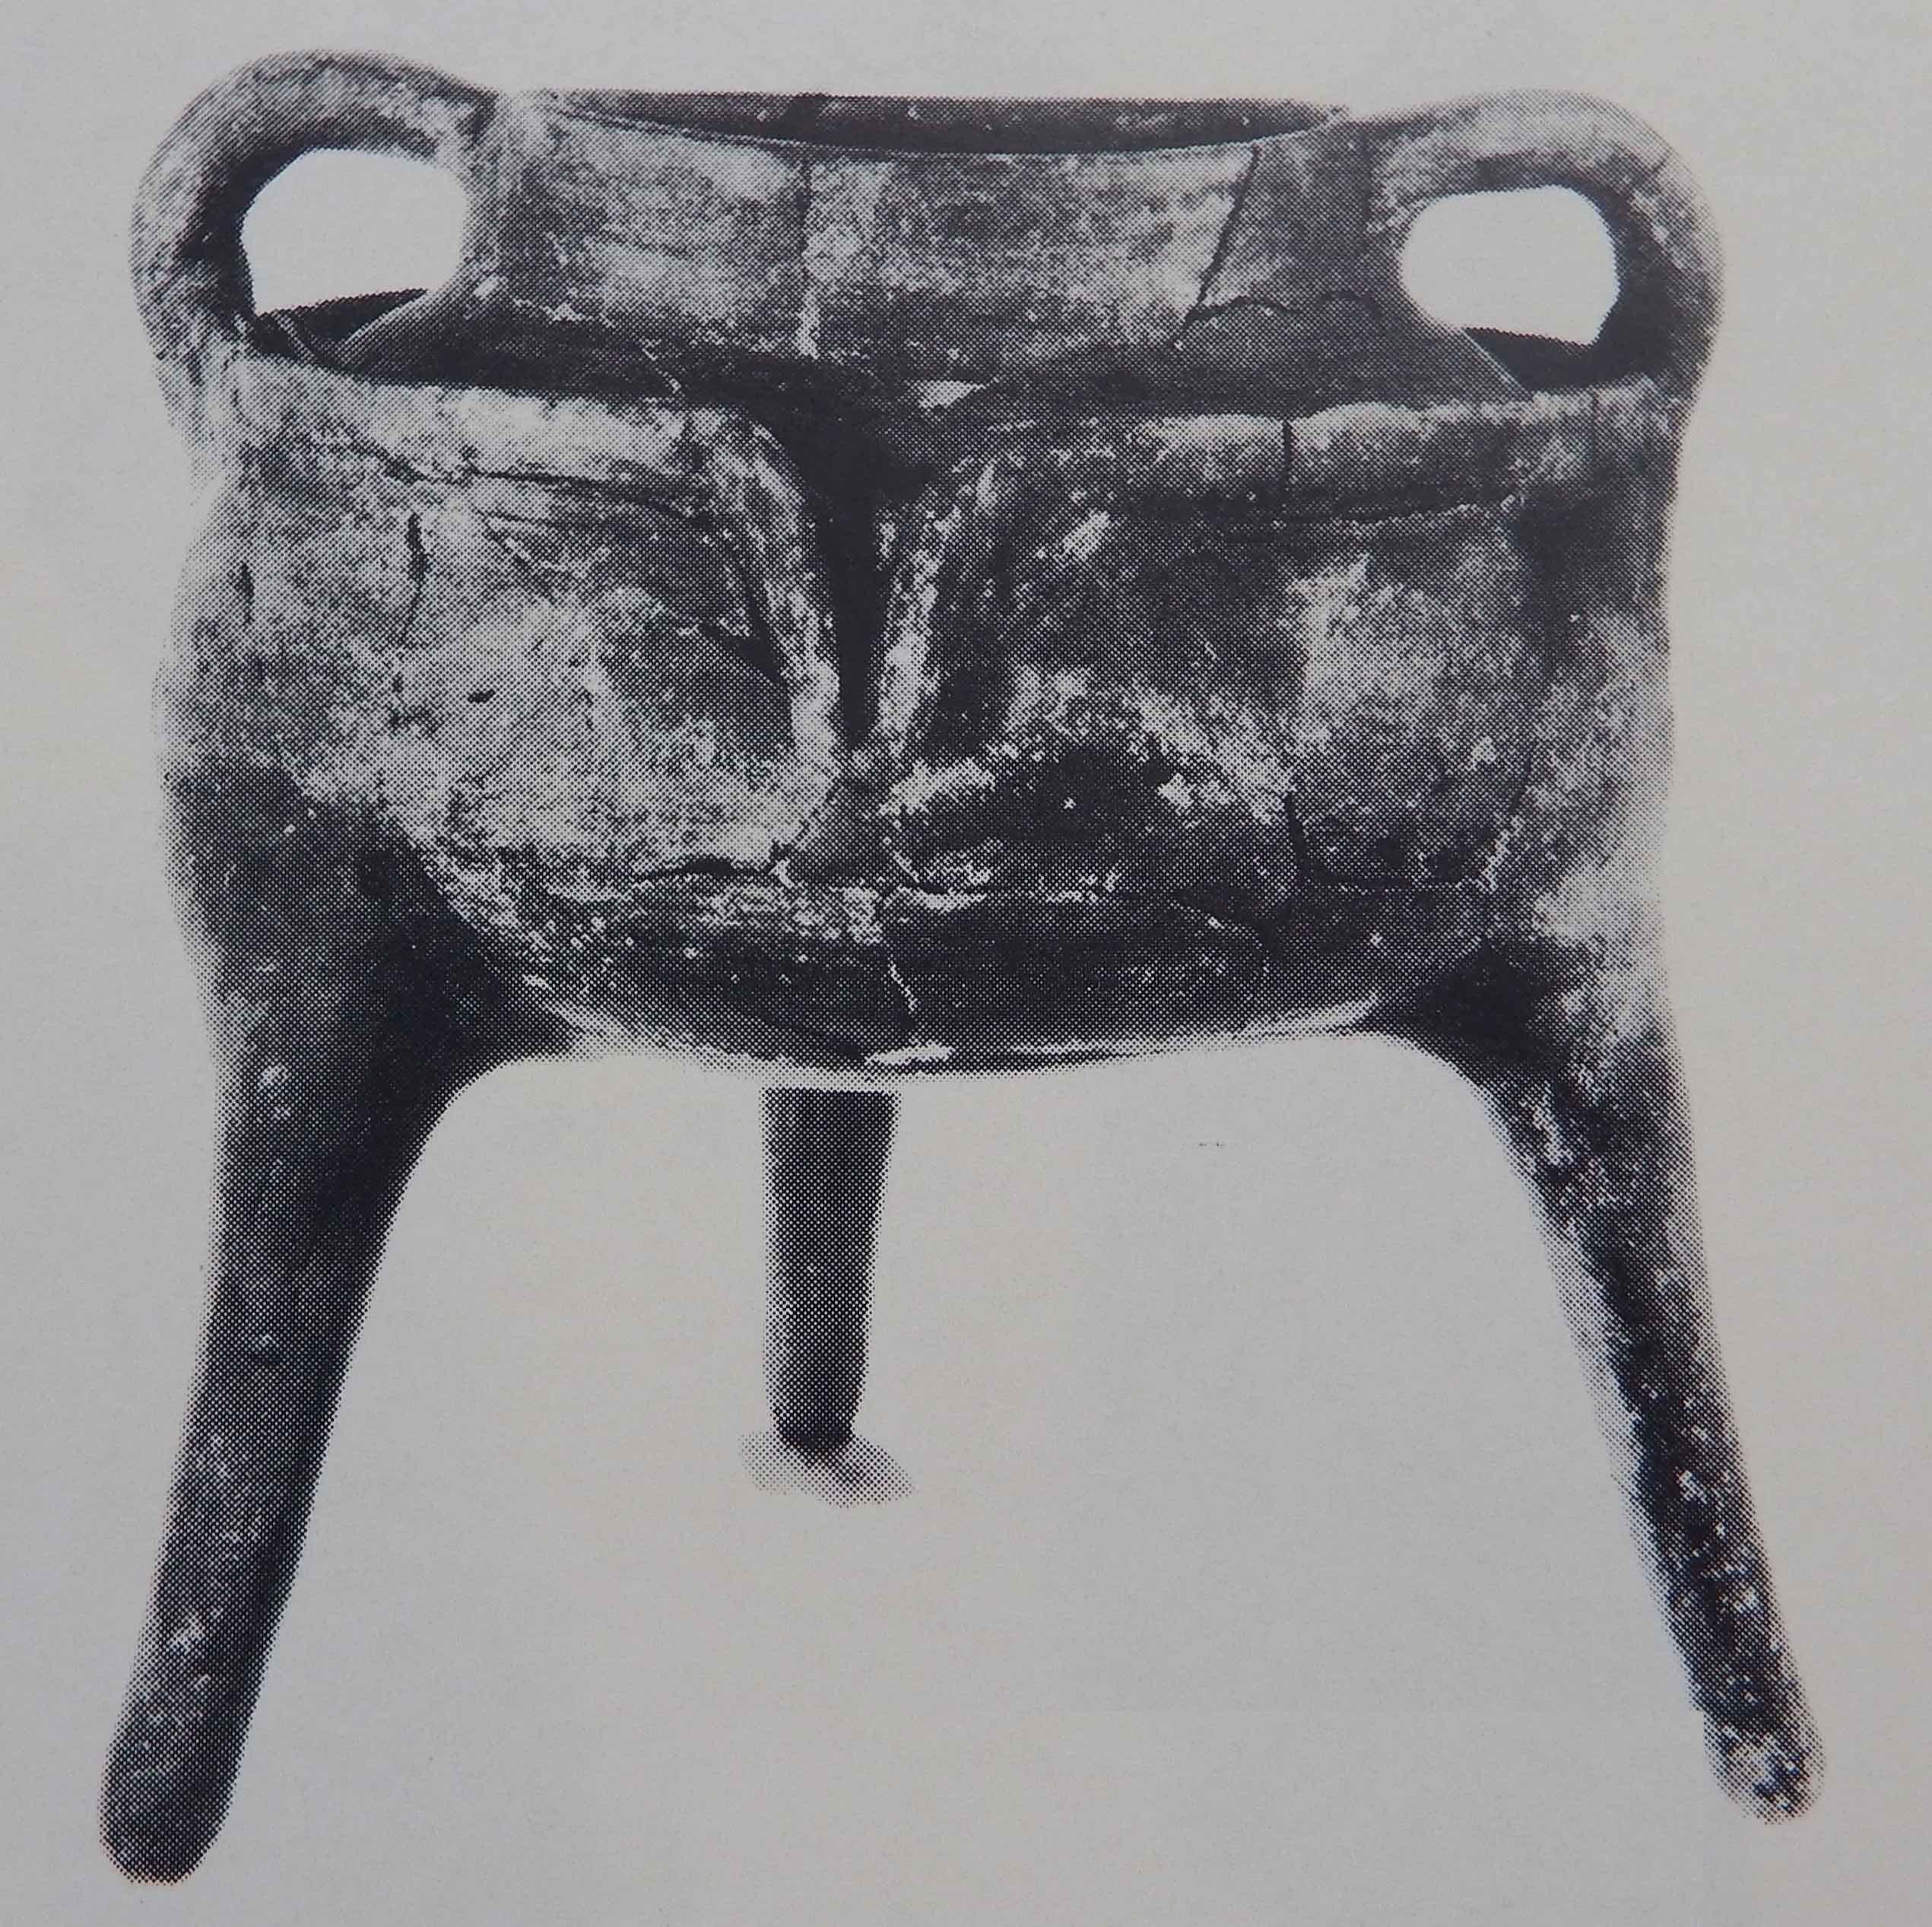 Parte inferiore di un distillatore ad anello di recupero dalla tomba 104, n. 207, di Paphos Teratsoudhia, Cipro, 1400-1500 a.C., Museo di Kouklia, Paphos (da: Karageorghis, 1990, tav. XXIX, p. 207)